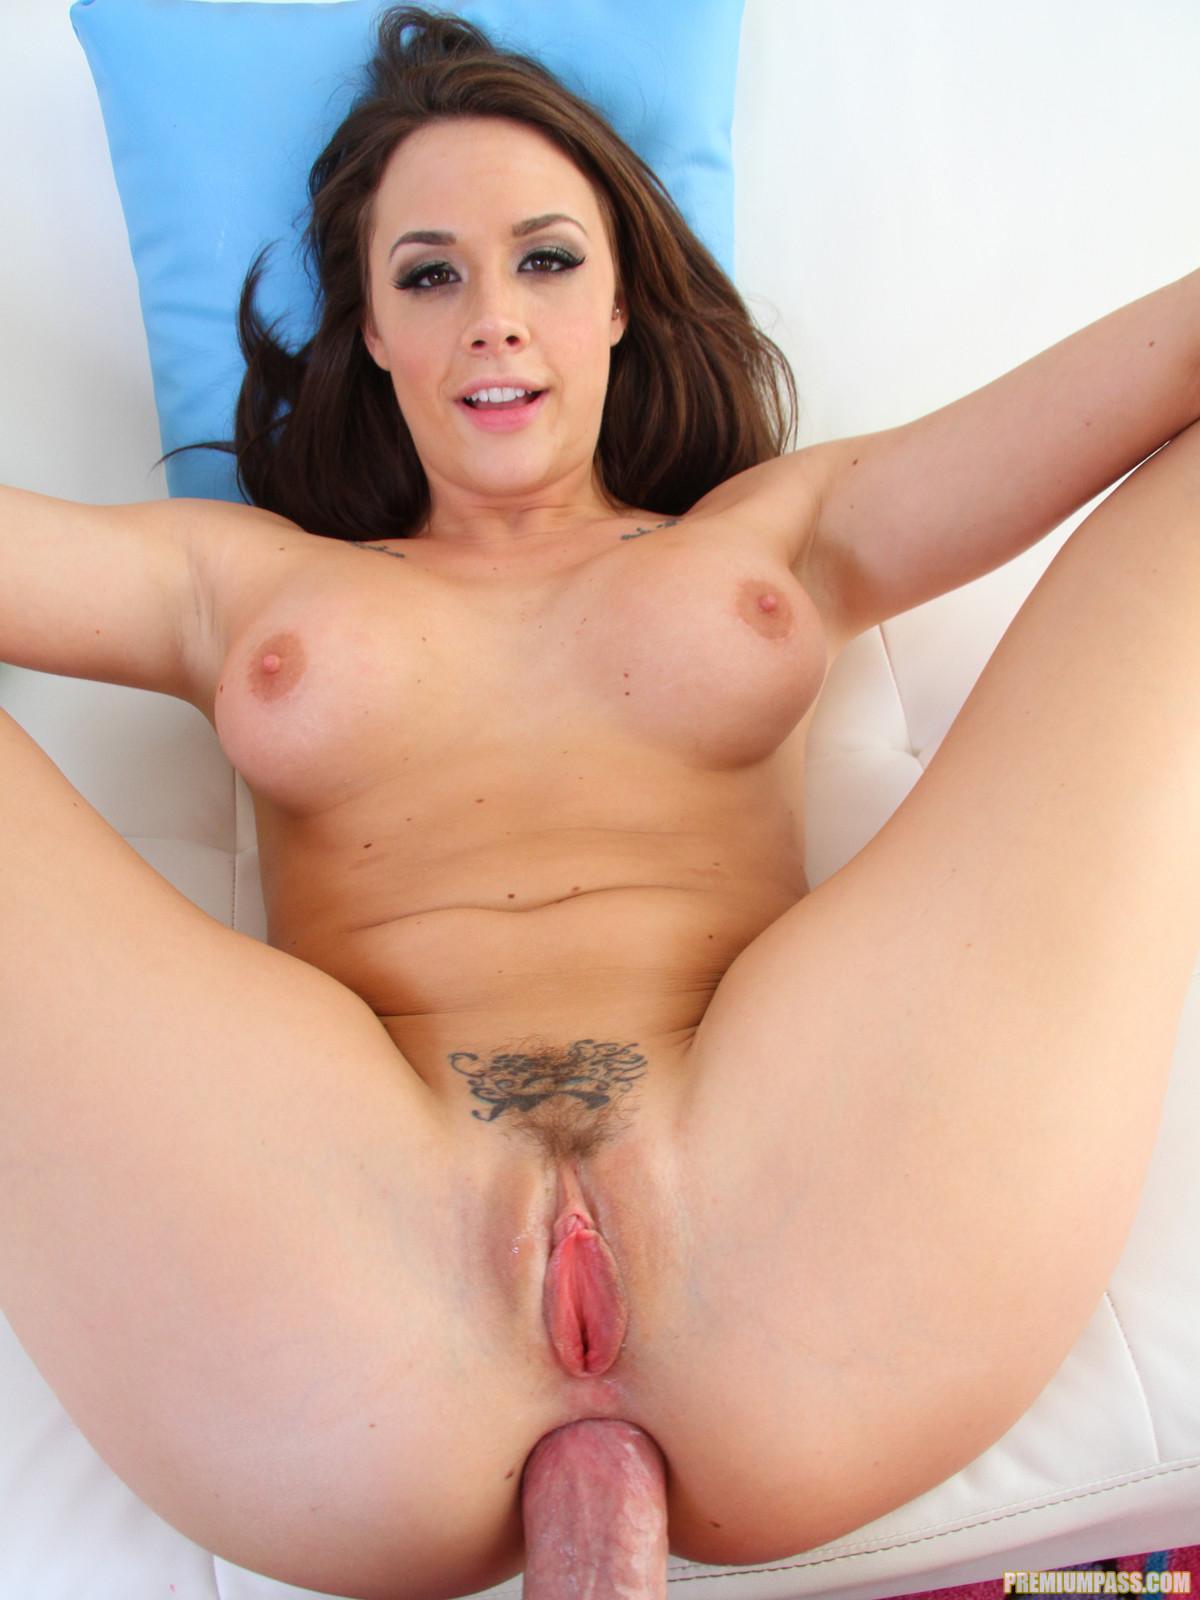 Шанель престон порно с ней 15 фотография